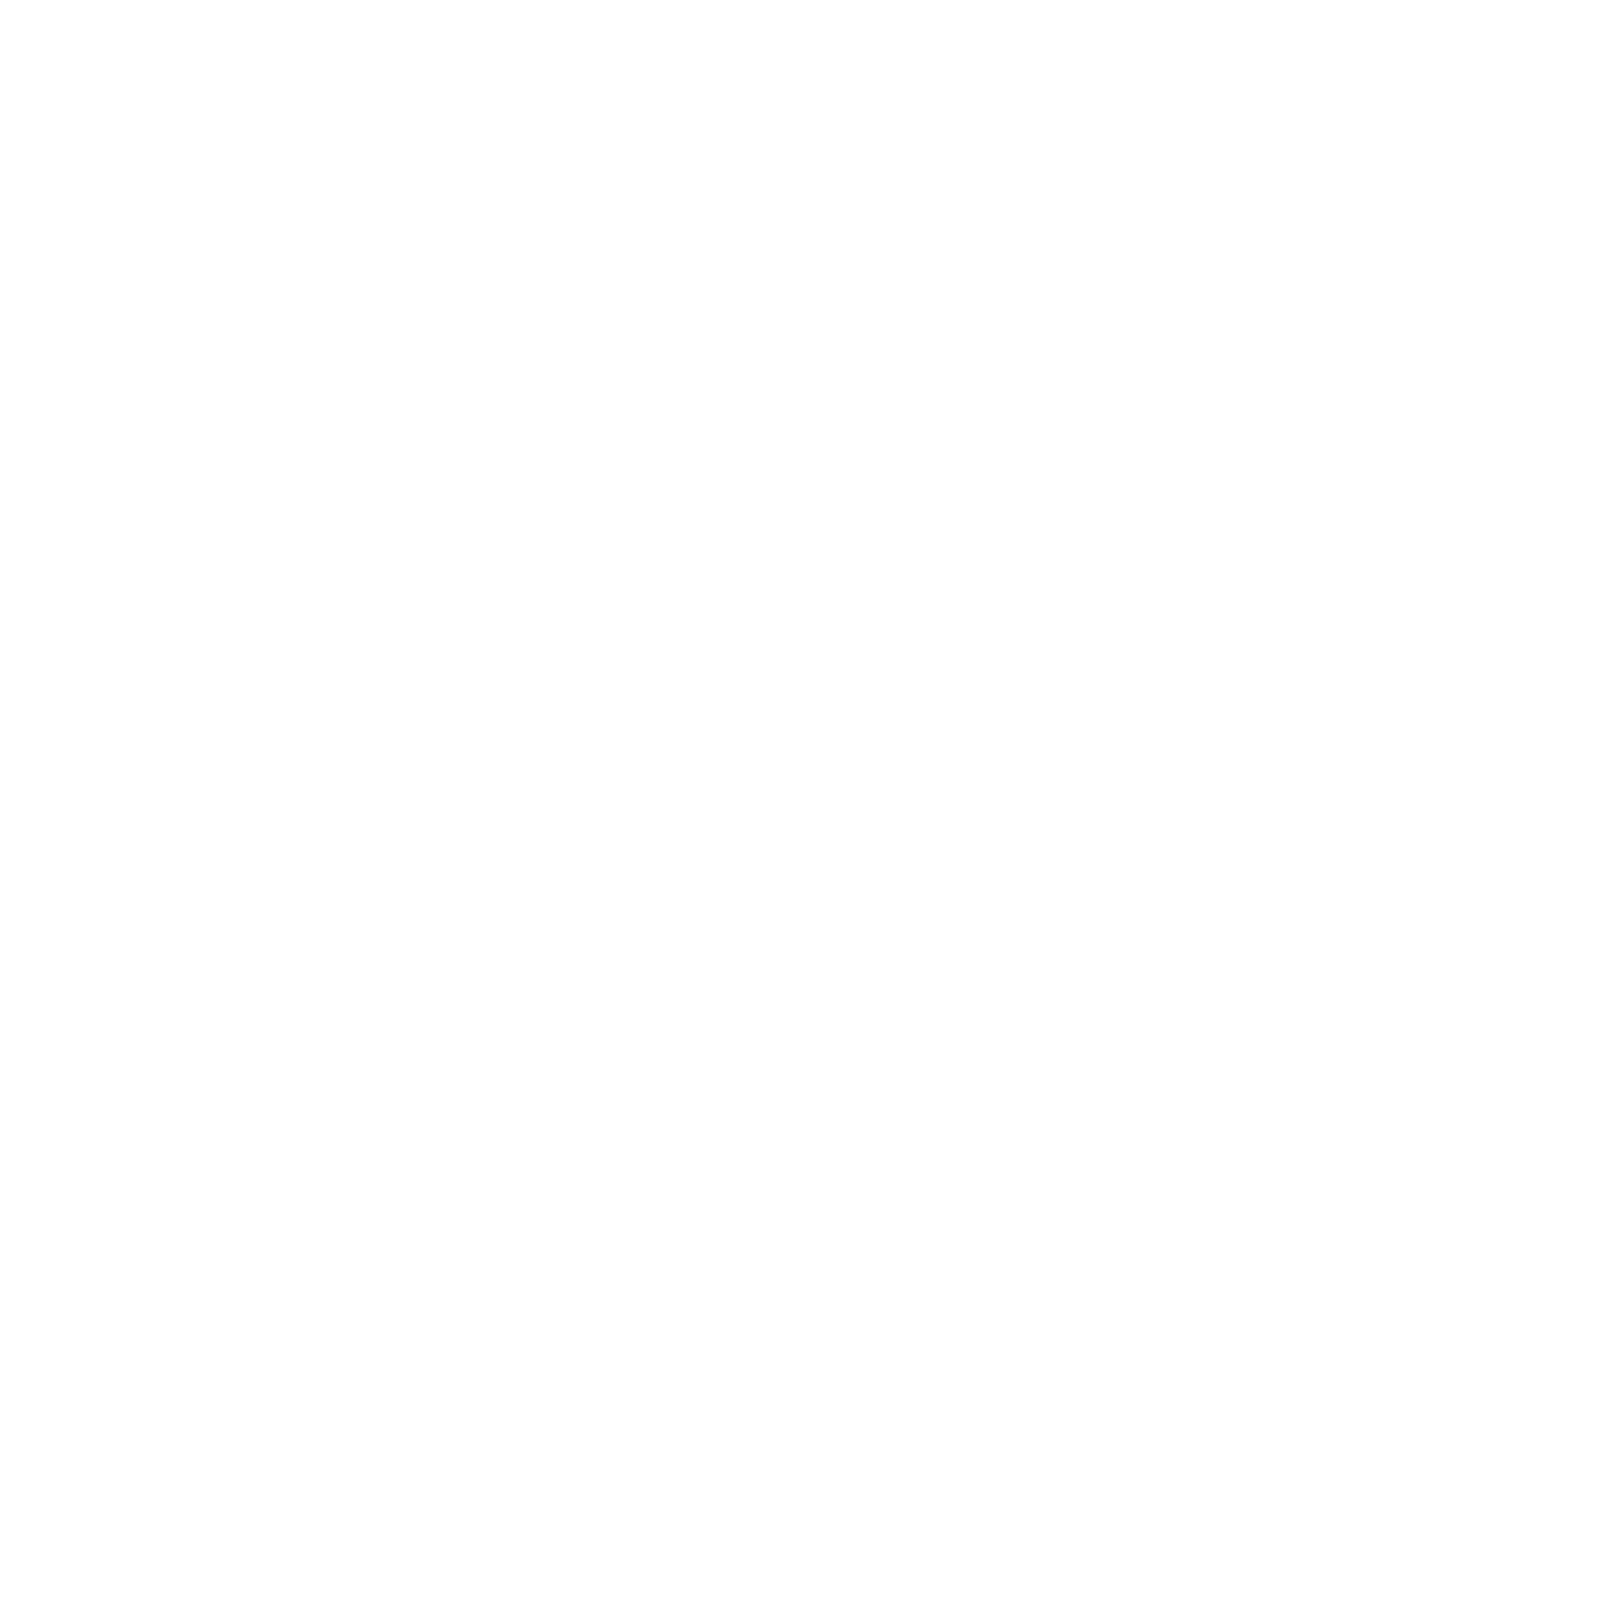 BCSArtboard 1 copy 6Partner Logos.png